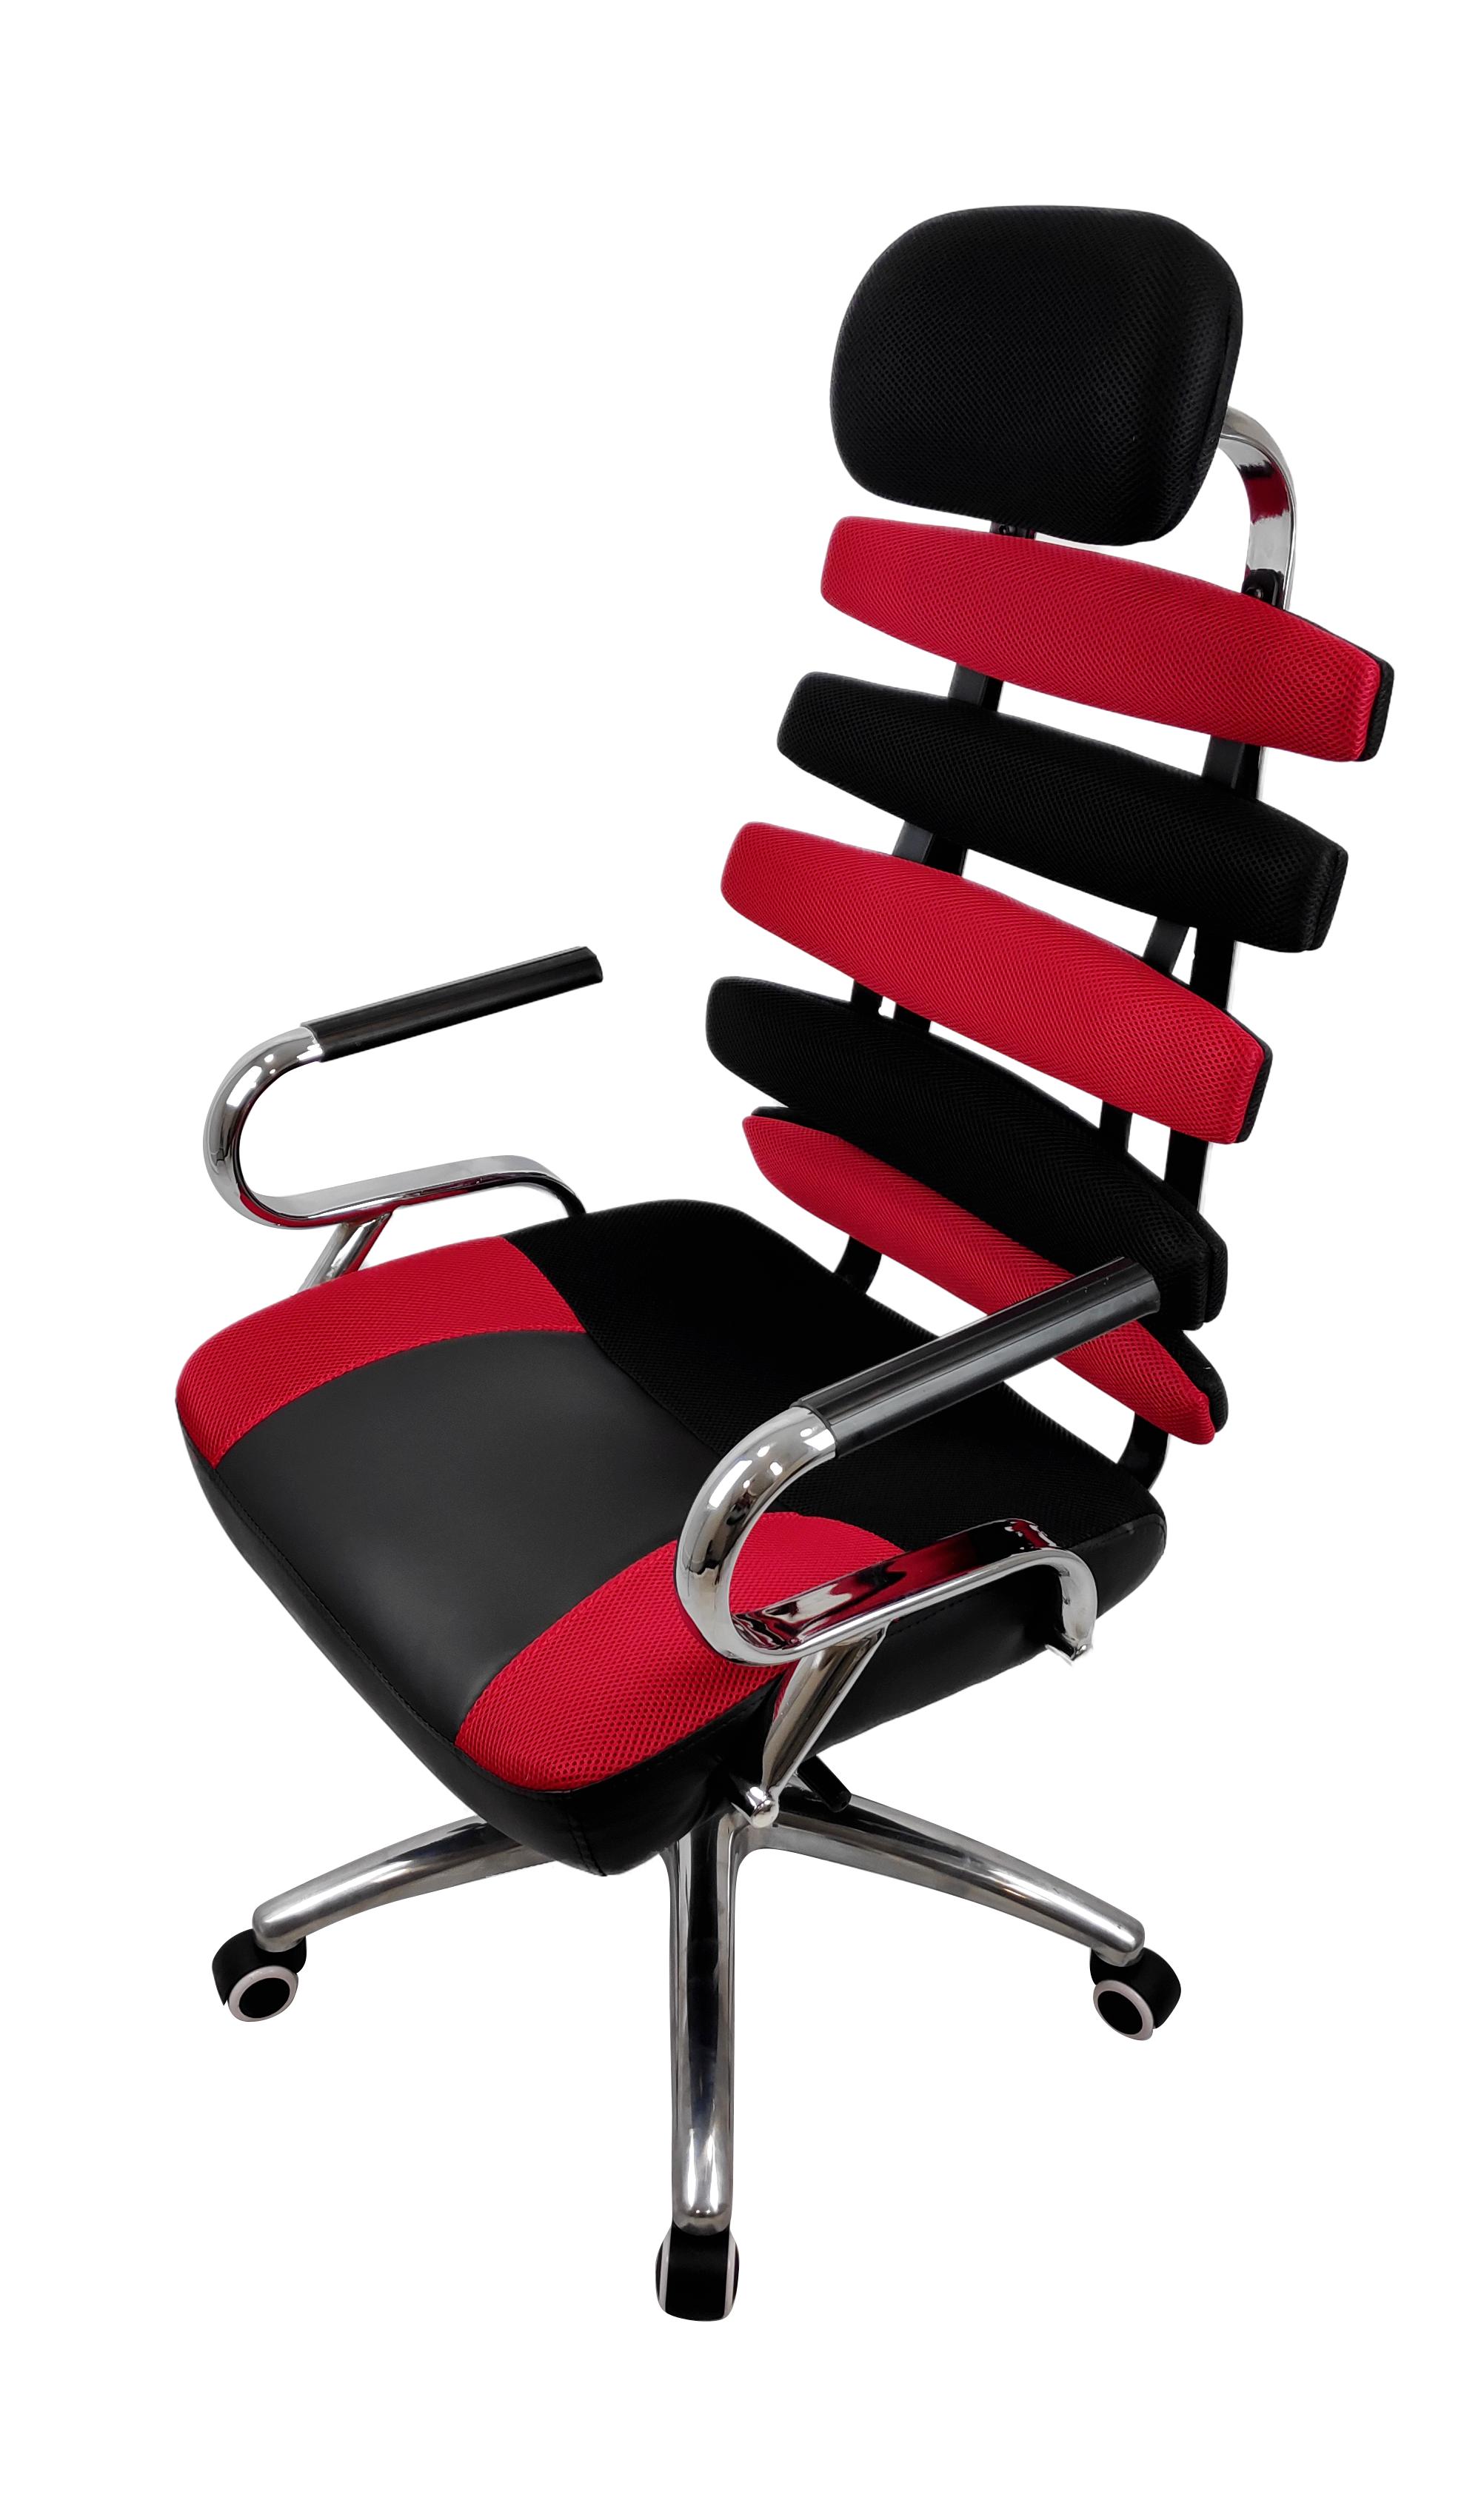 Офисное кресло Raybe KB-415 1051777, черный/красный